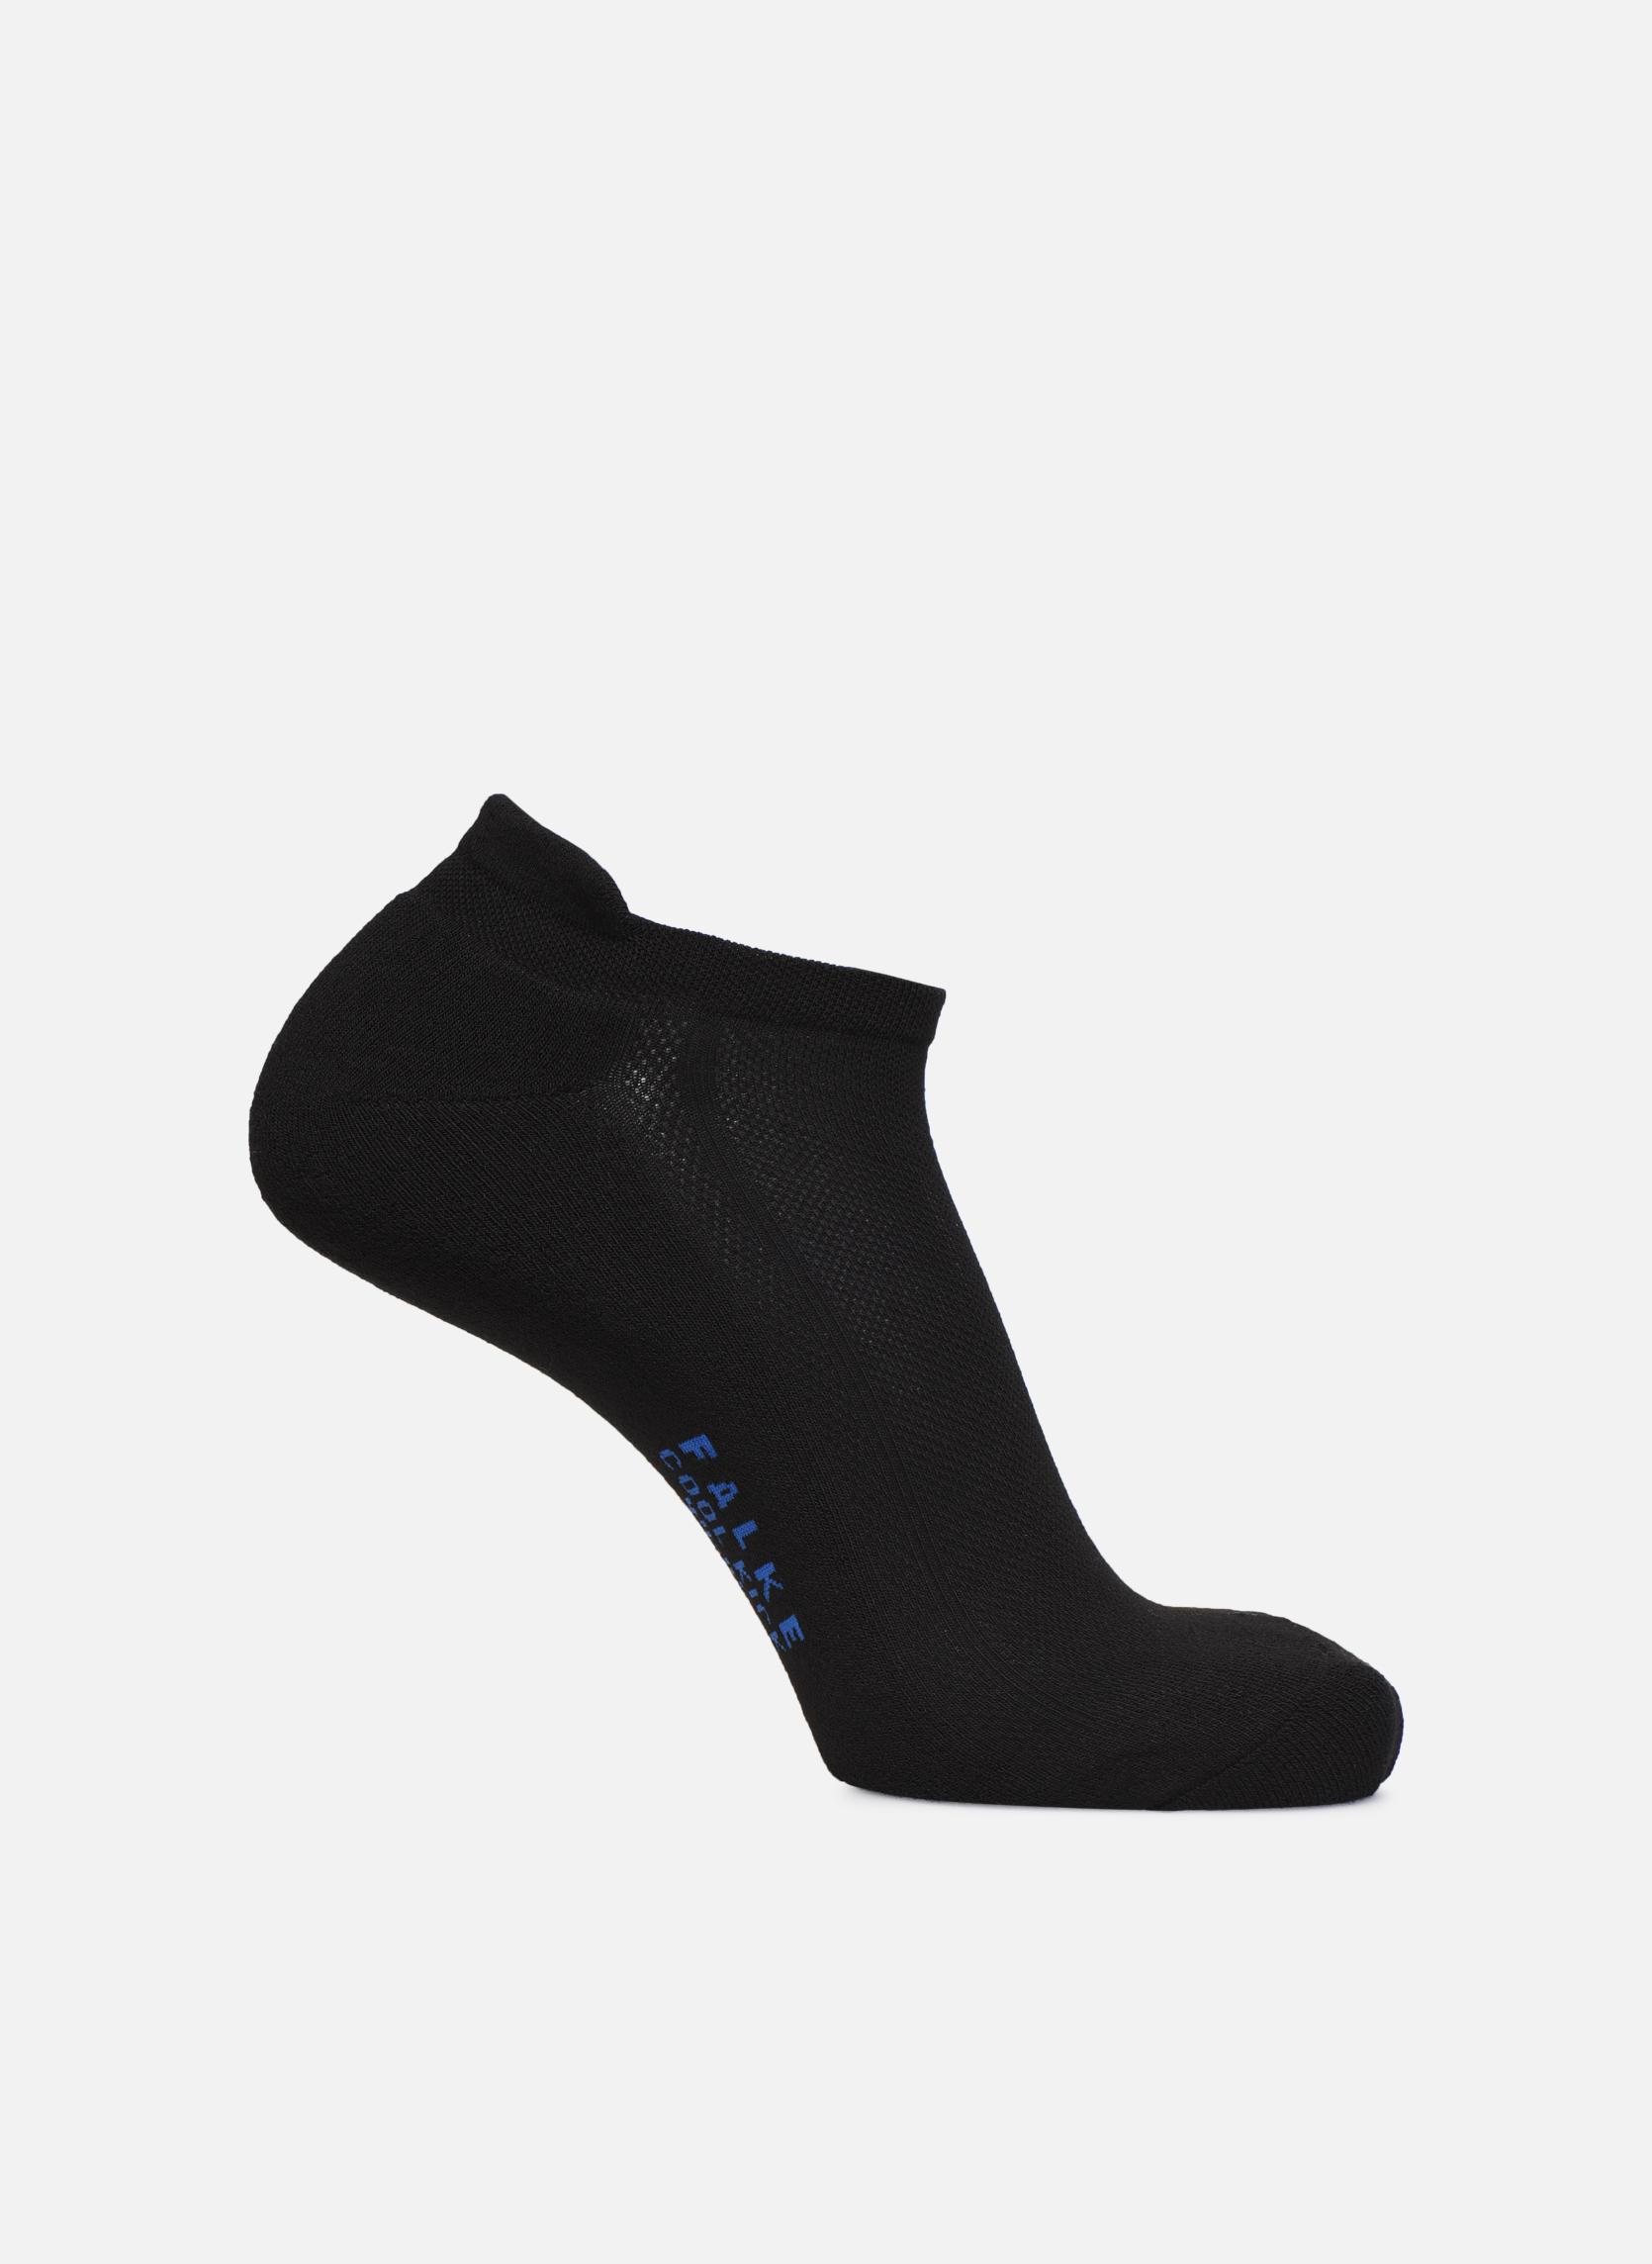 Socquettes Cool Kick